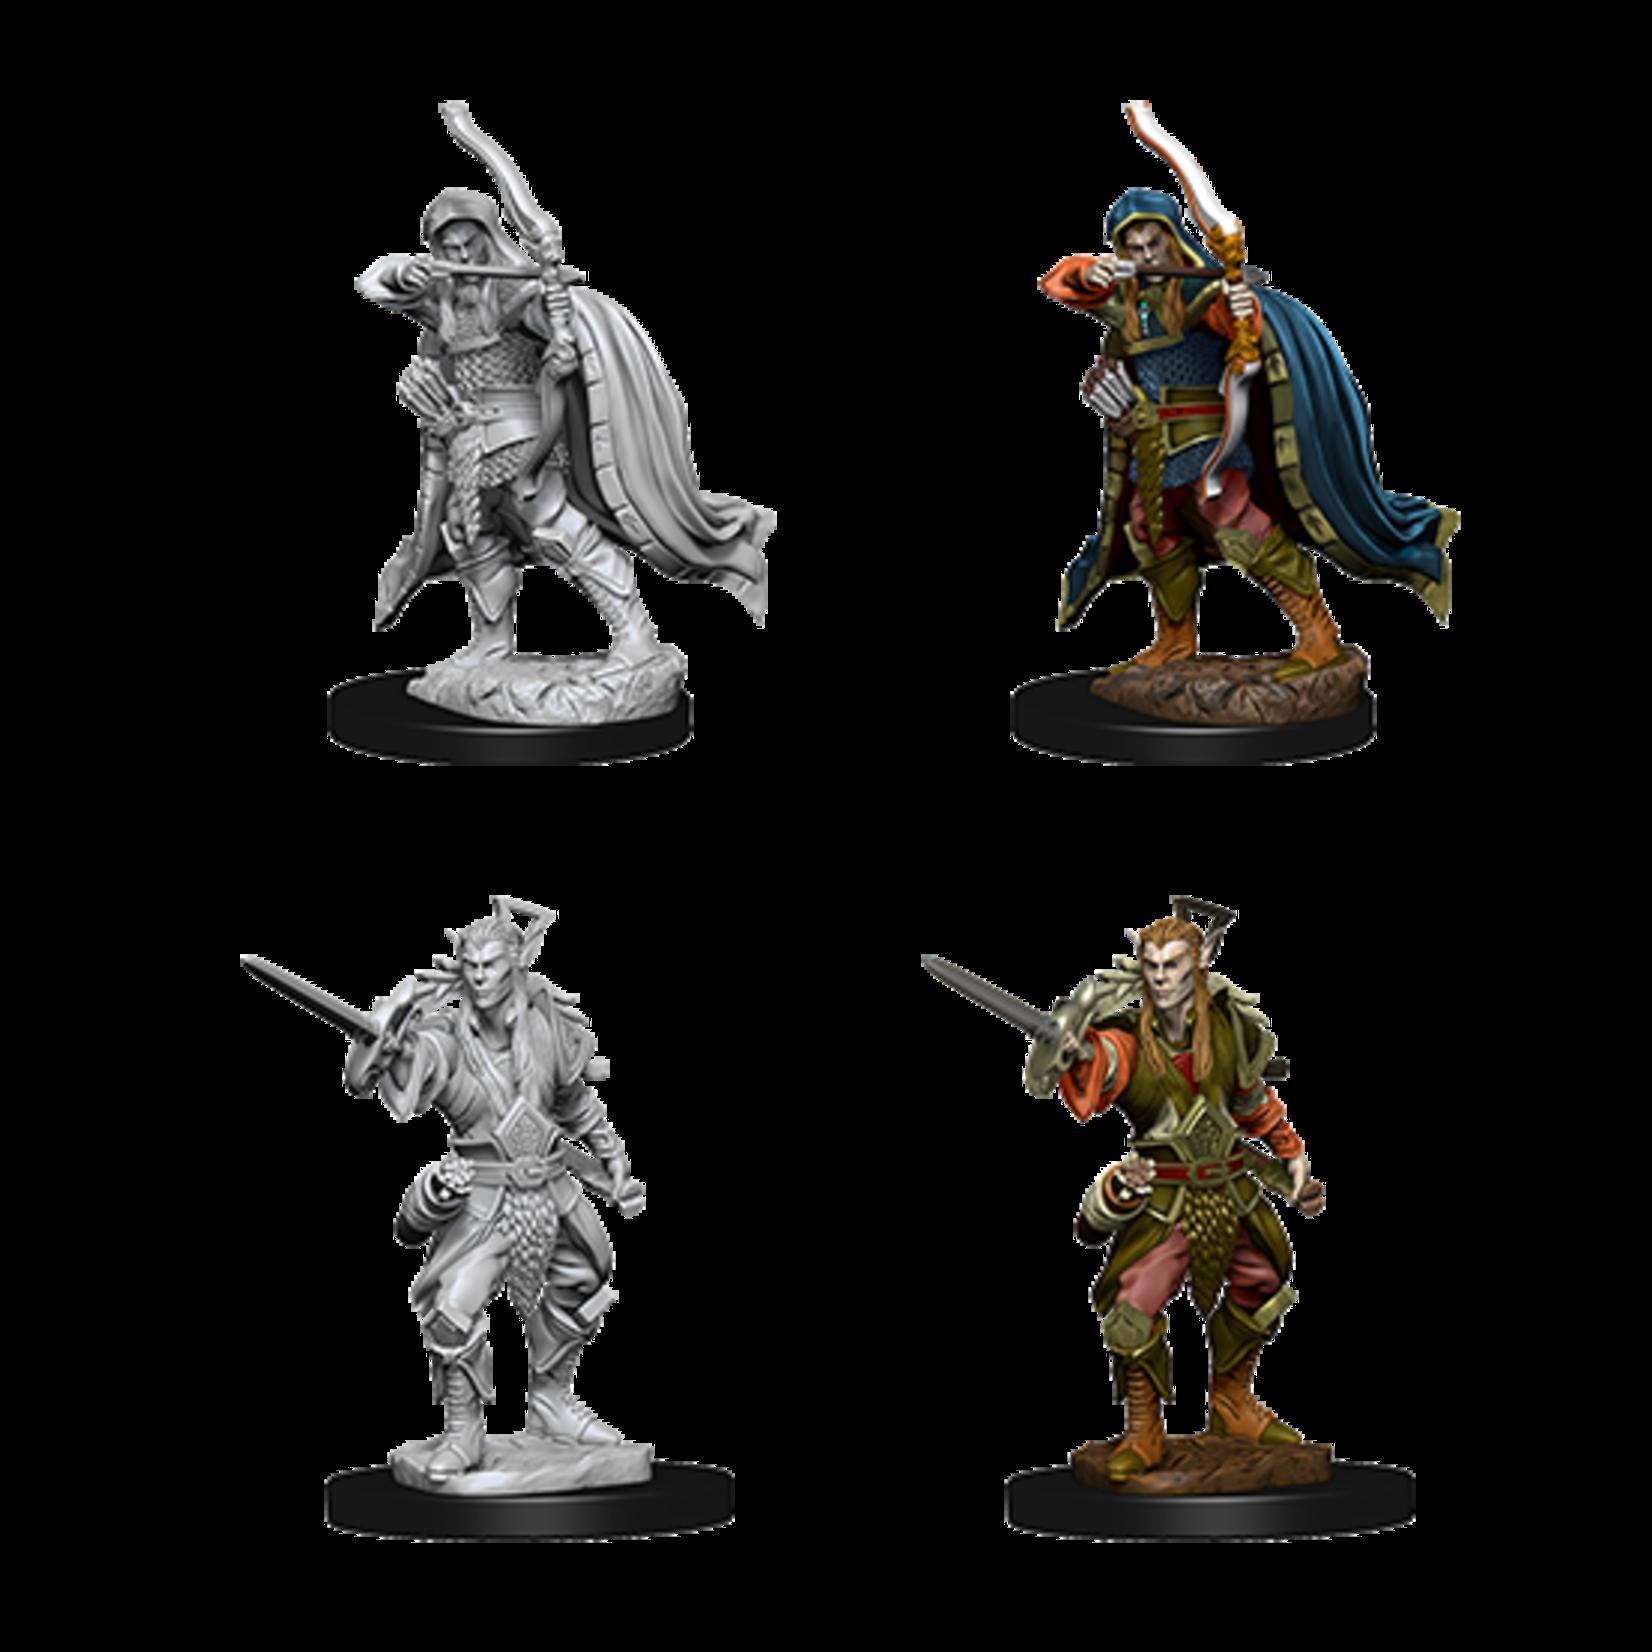 WizKids D&D Nolzur's Marvelous Miniatures: Elf Male Rogue (W7)